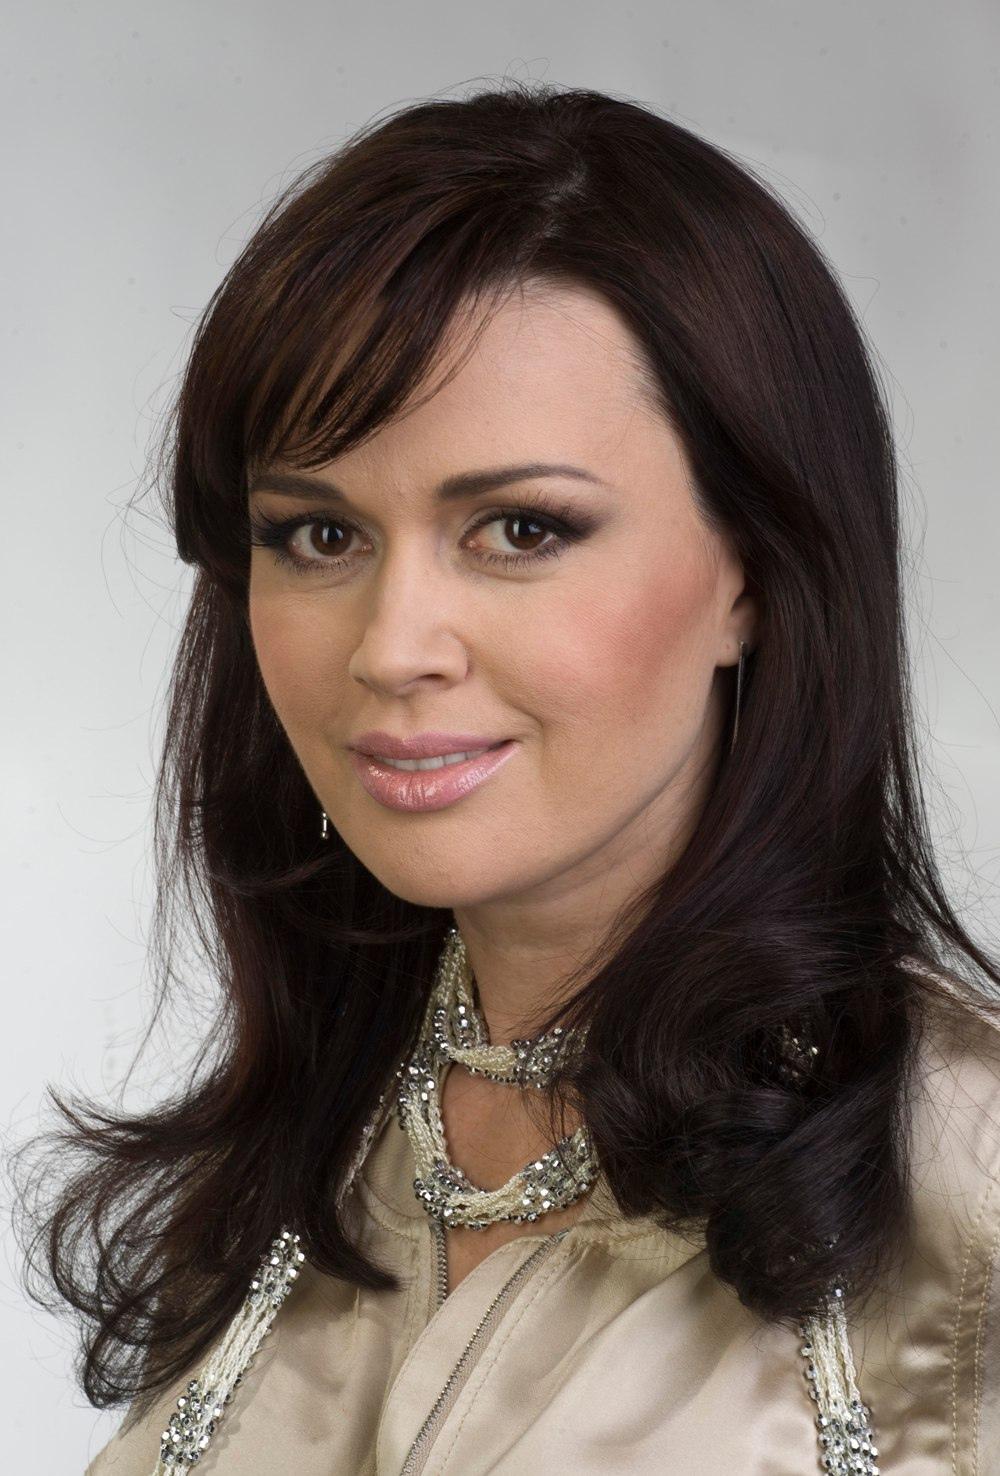 Сегодня свой день рождения отмечает Заворотнюк Анастасия Юрьевна.